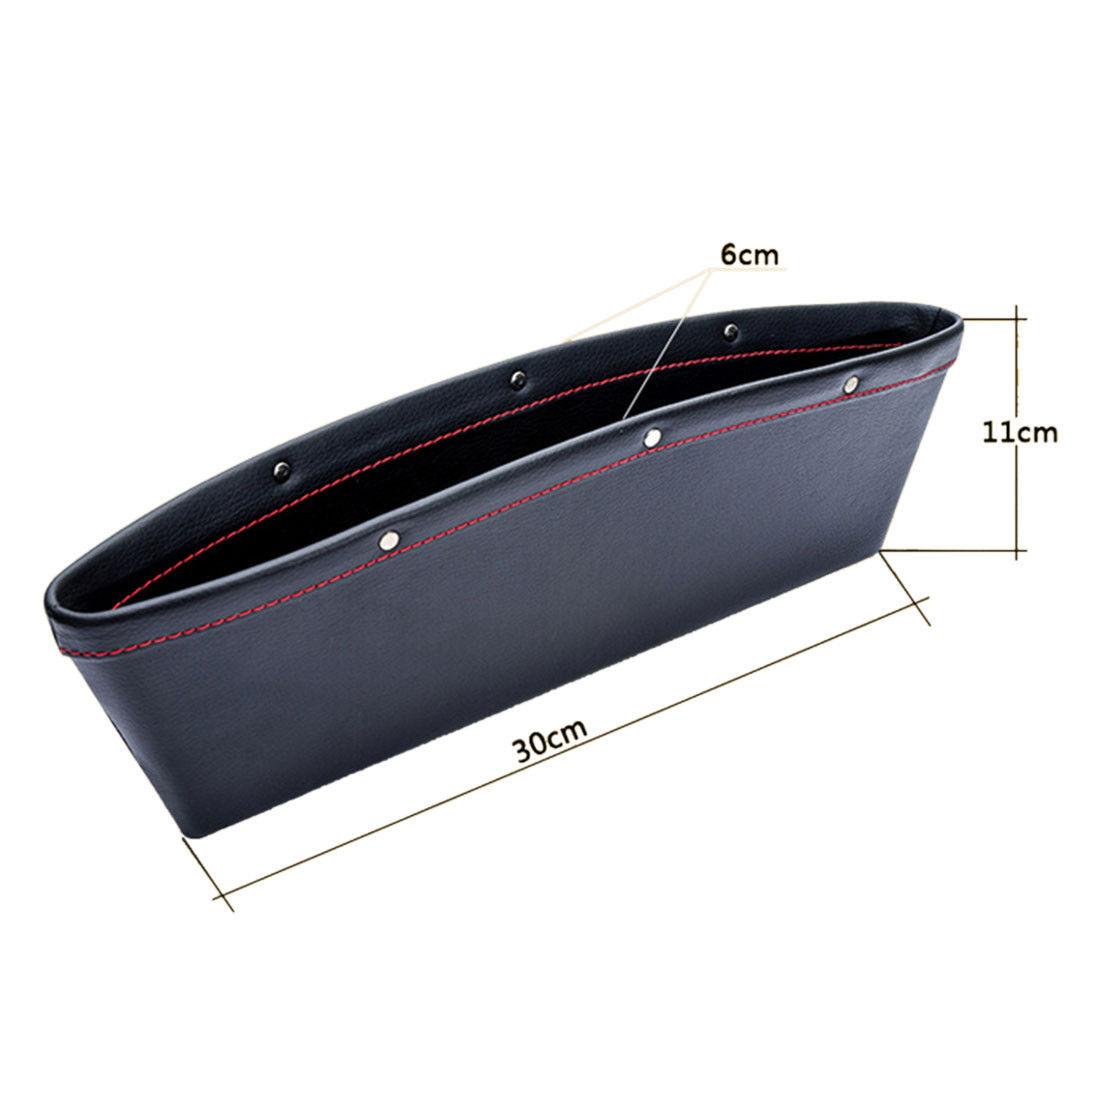 2x Catch Catcher Box Caddy Car Seat Gap Slit Pocket